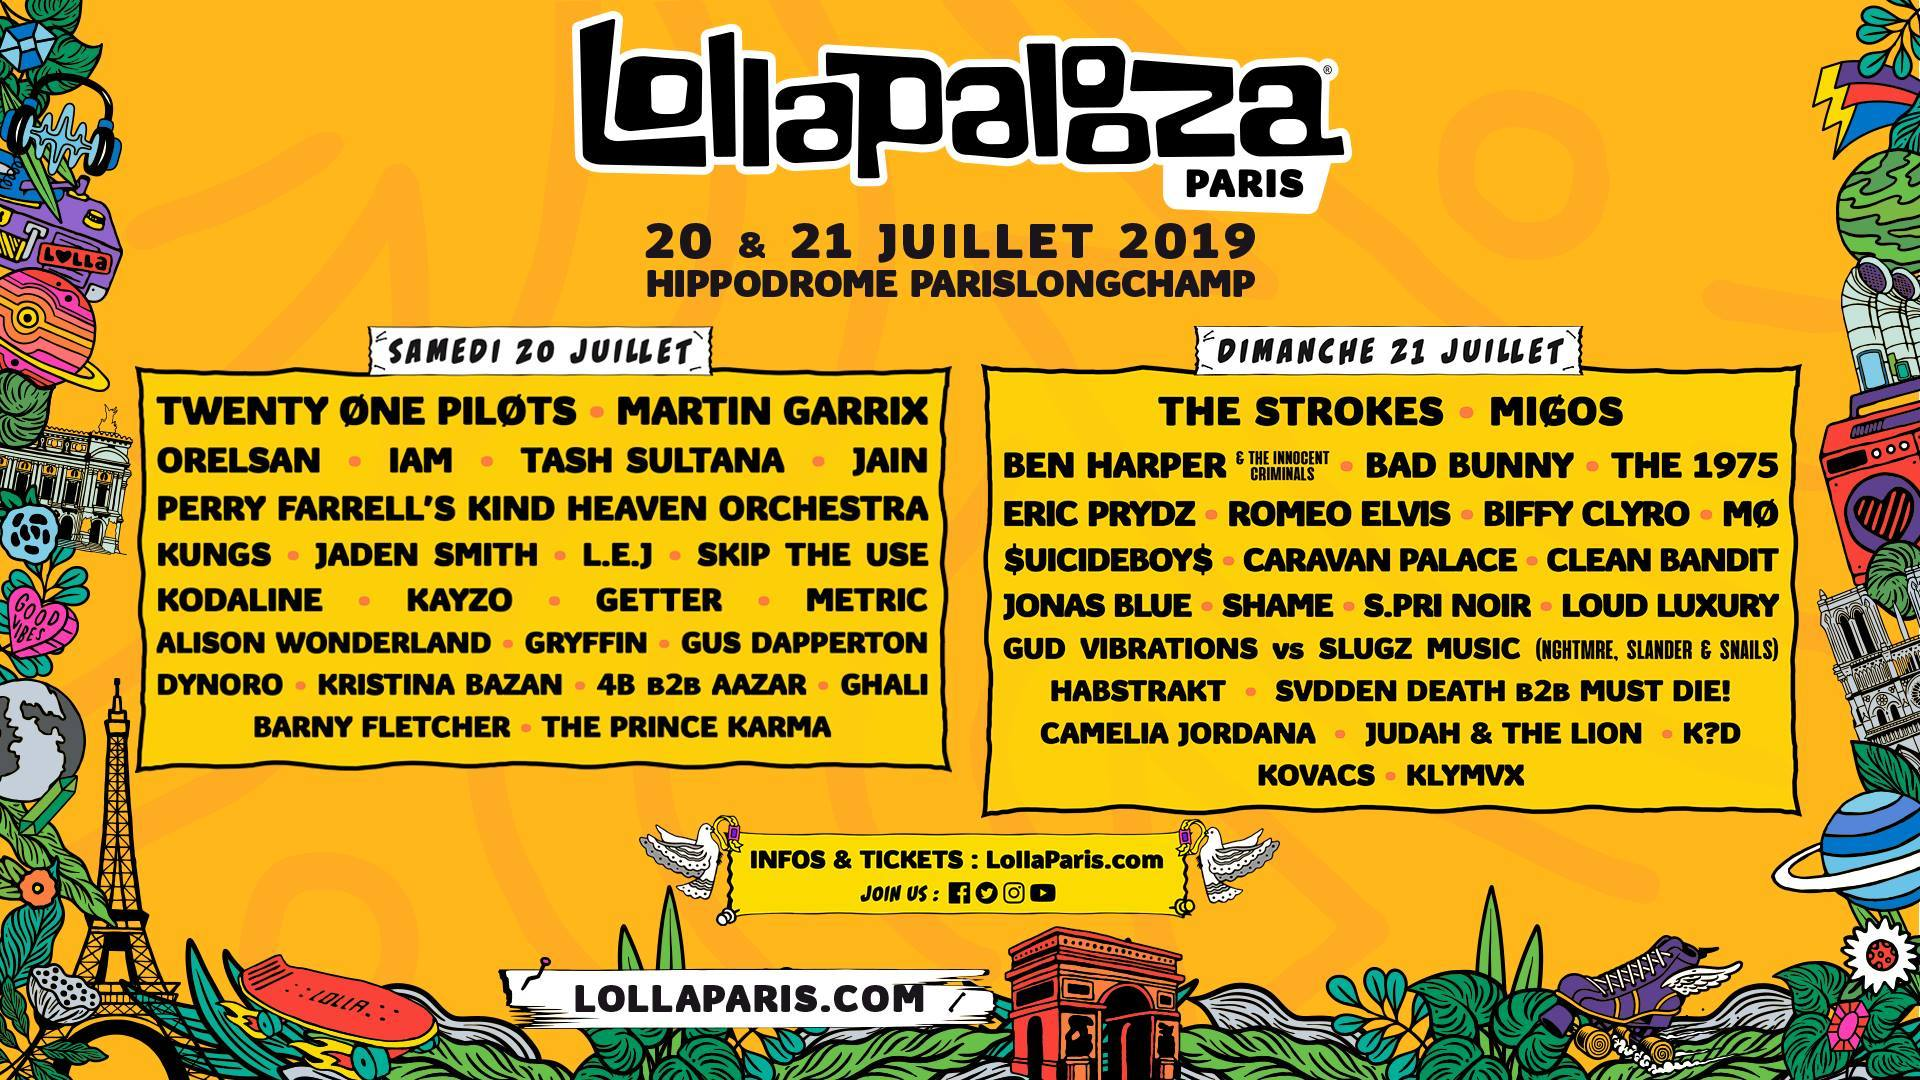 Paris Music Festivals 2019